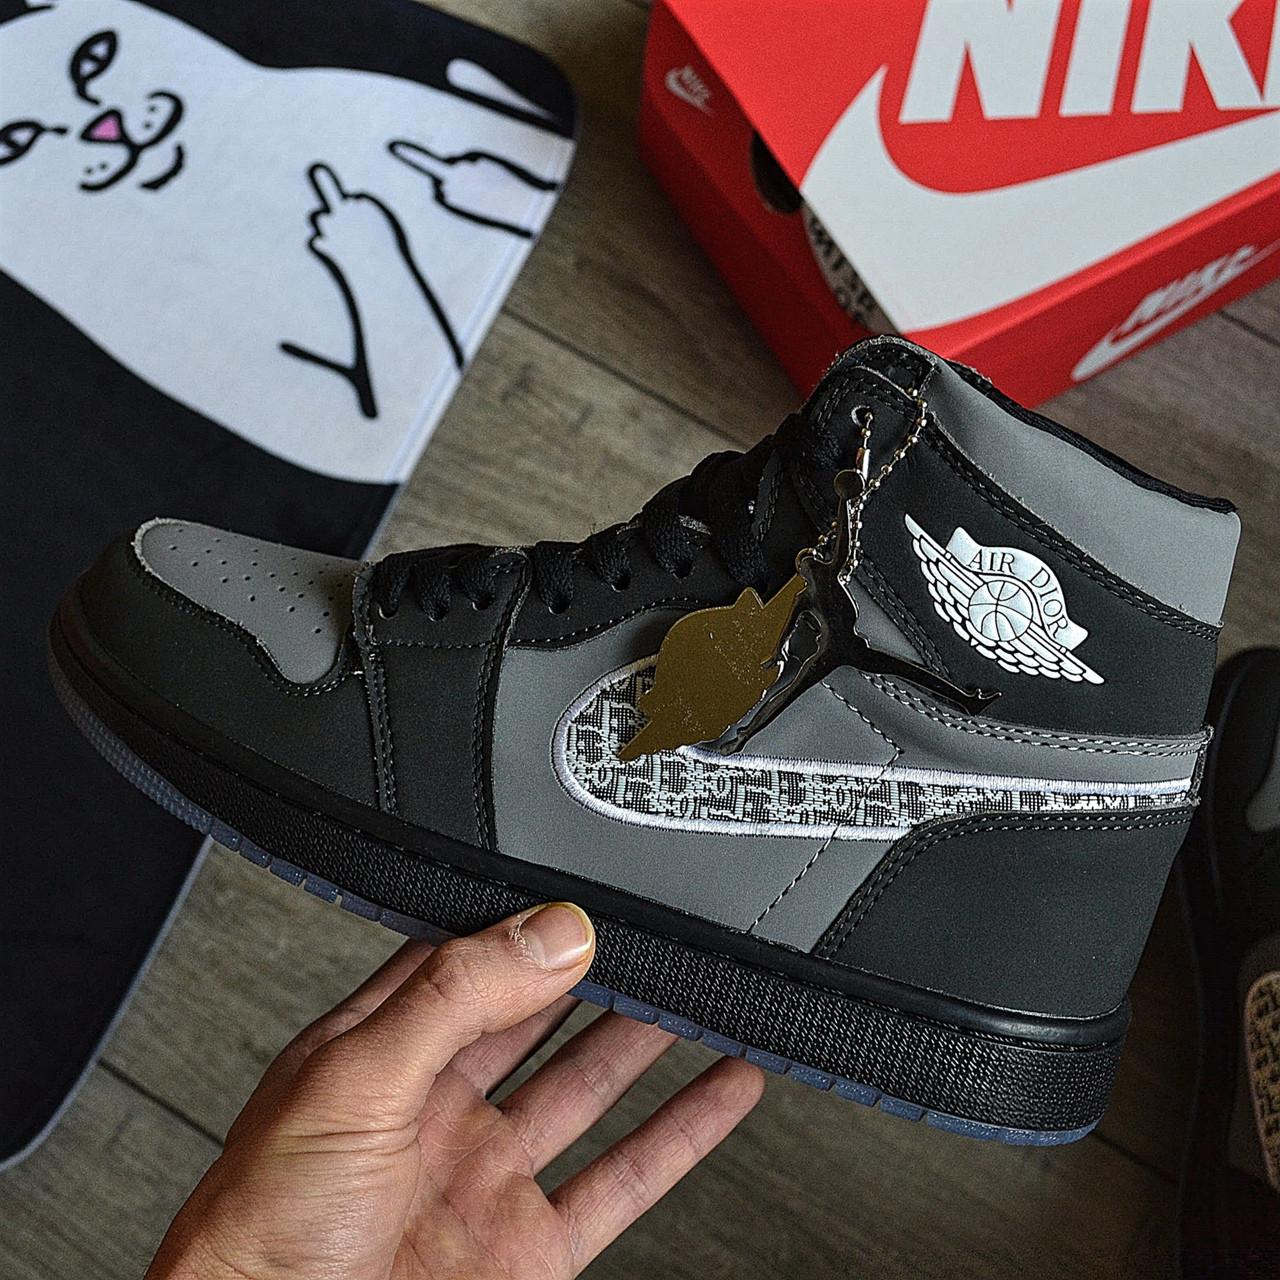 Кроссовки мужские Nike Air Jordan 1 High из коллаборации Диор. Живое фото. Реплика